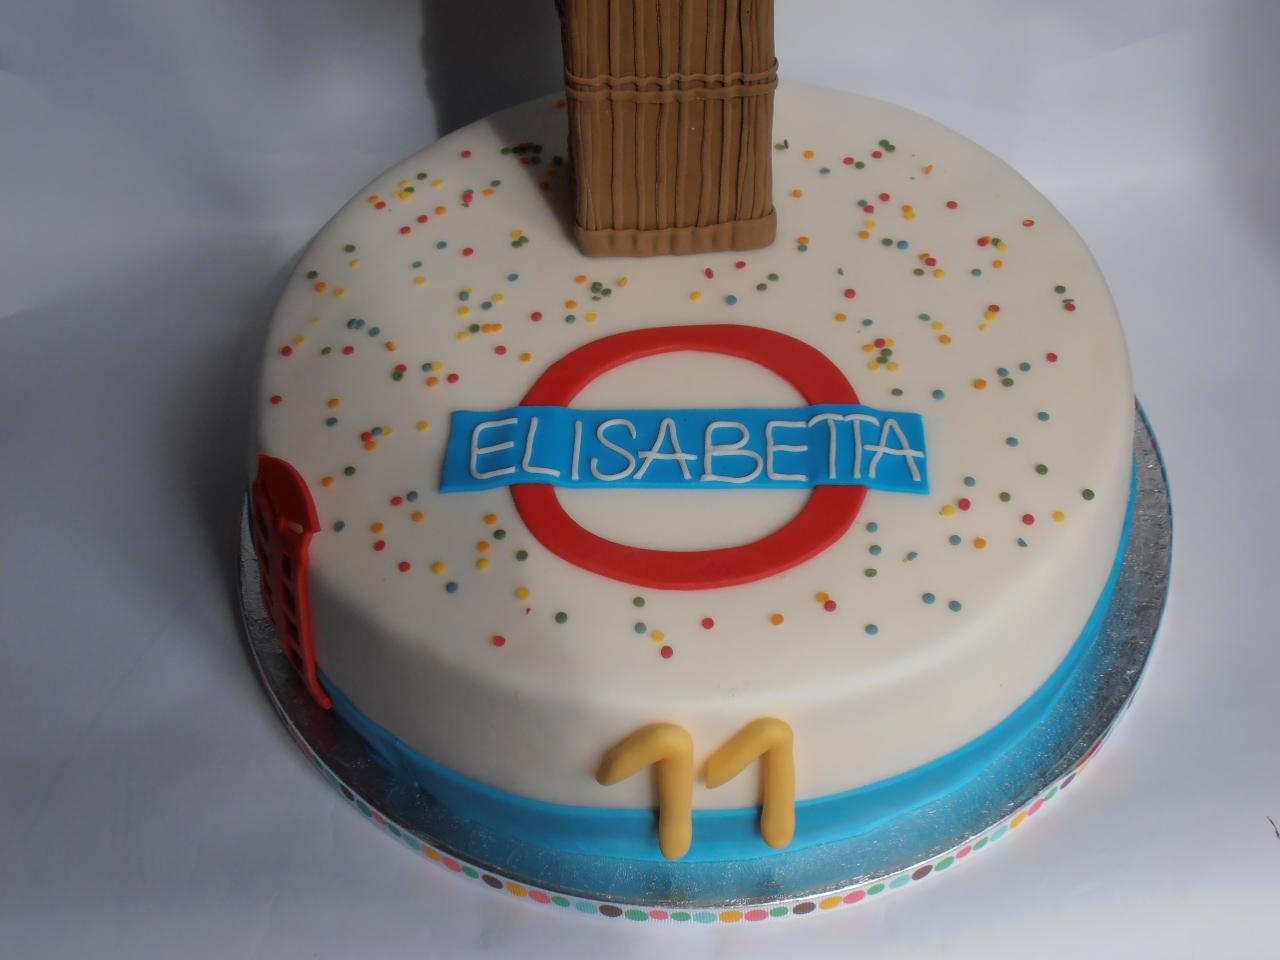 Dolci MIRAvigliosi: Big Ben cake